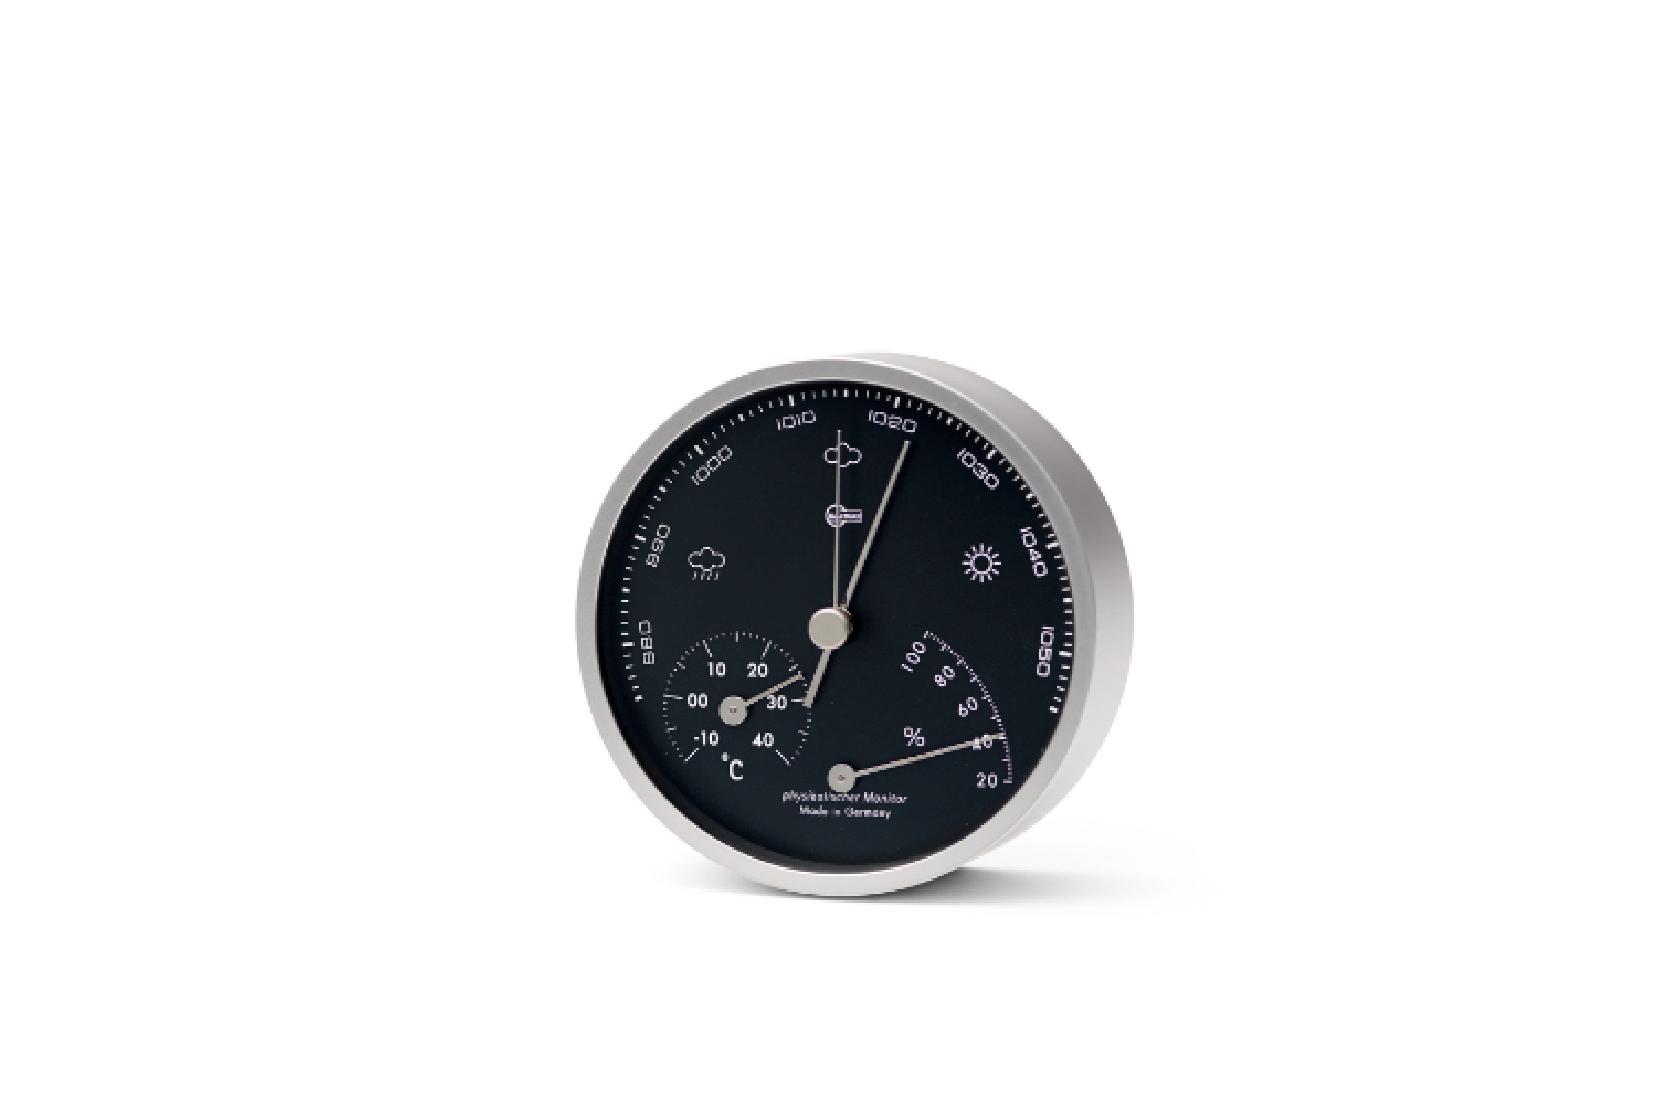 温湿気圧計